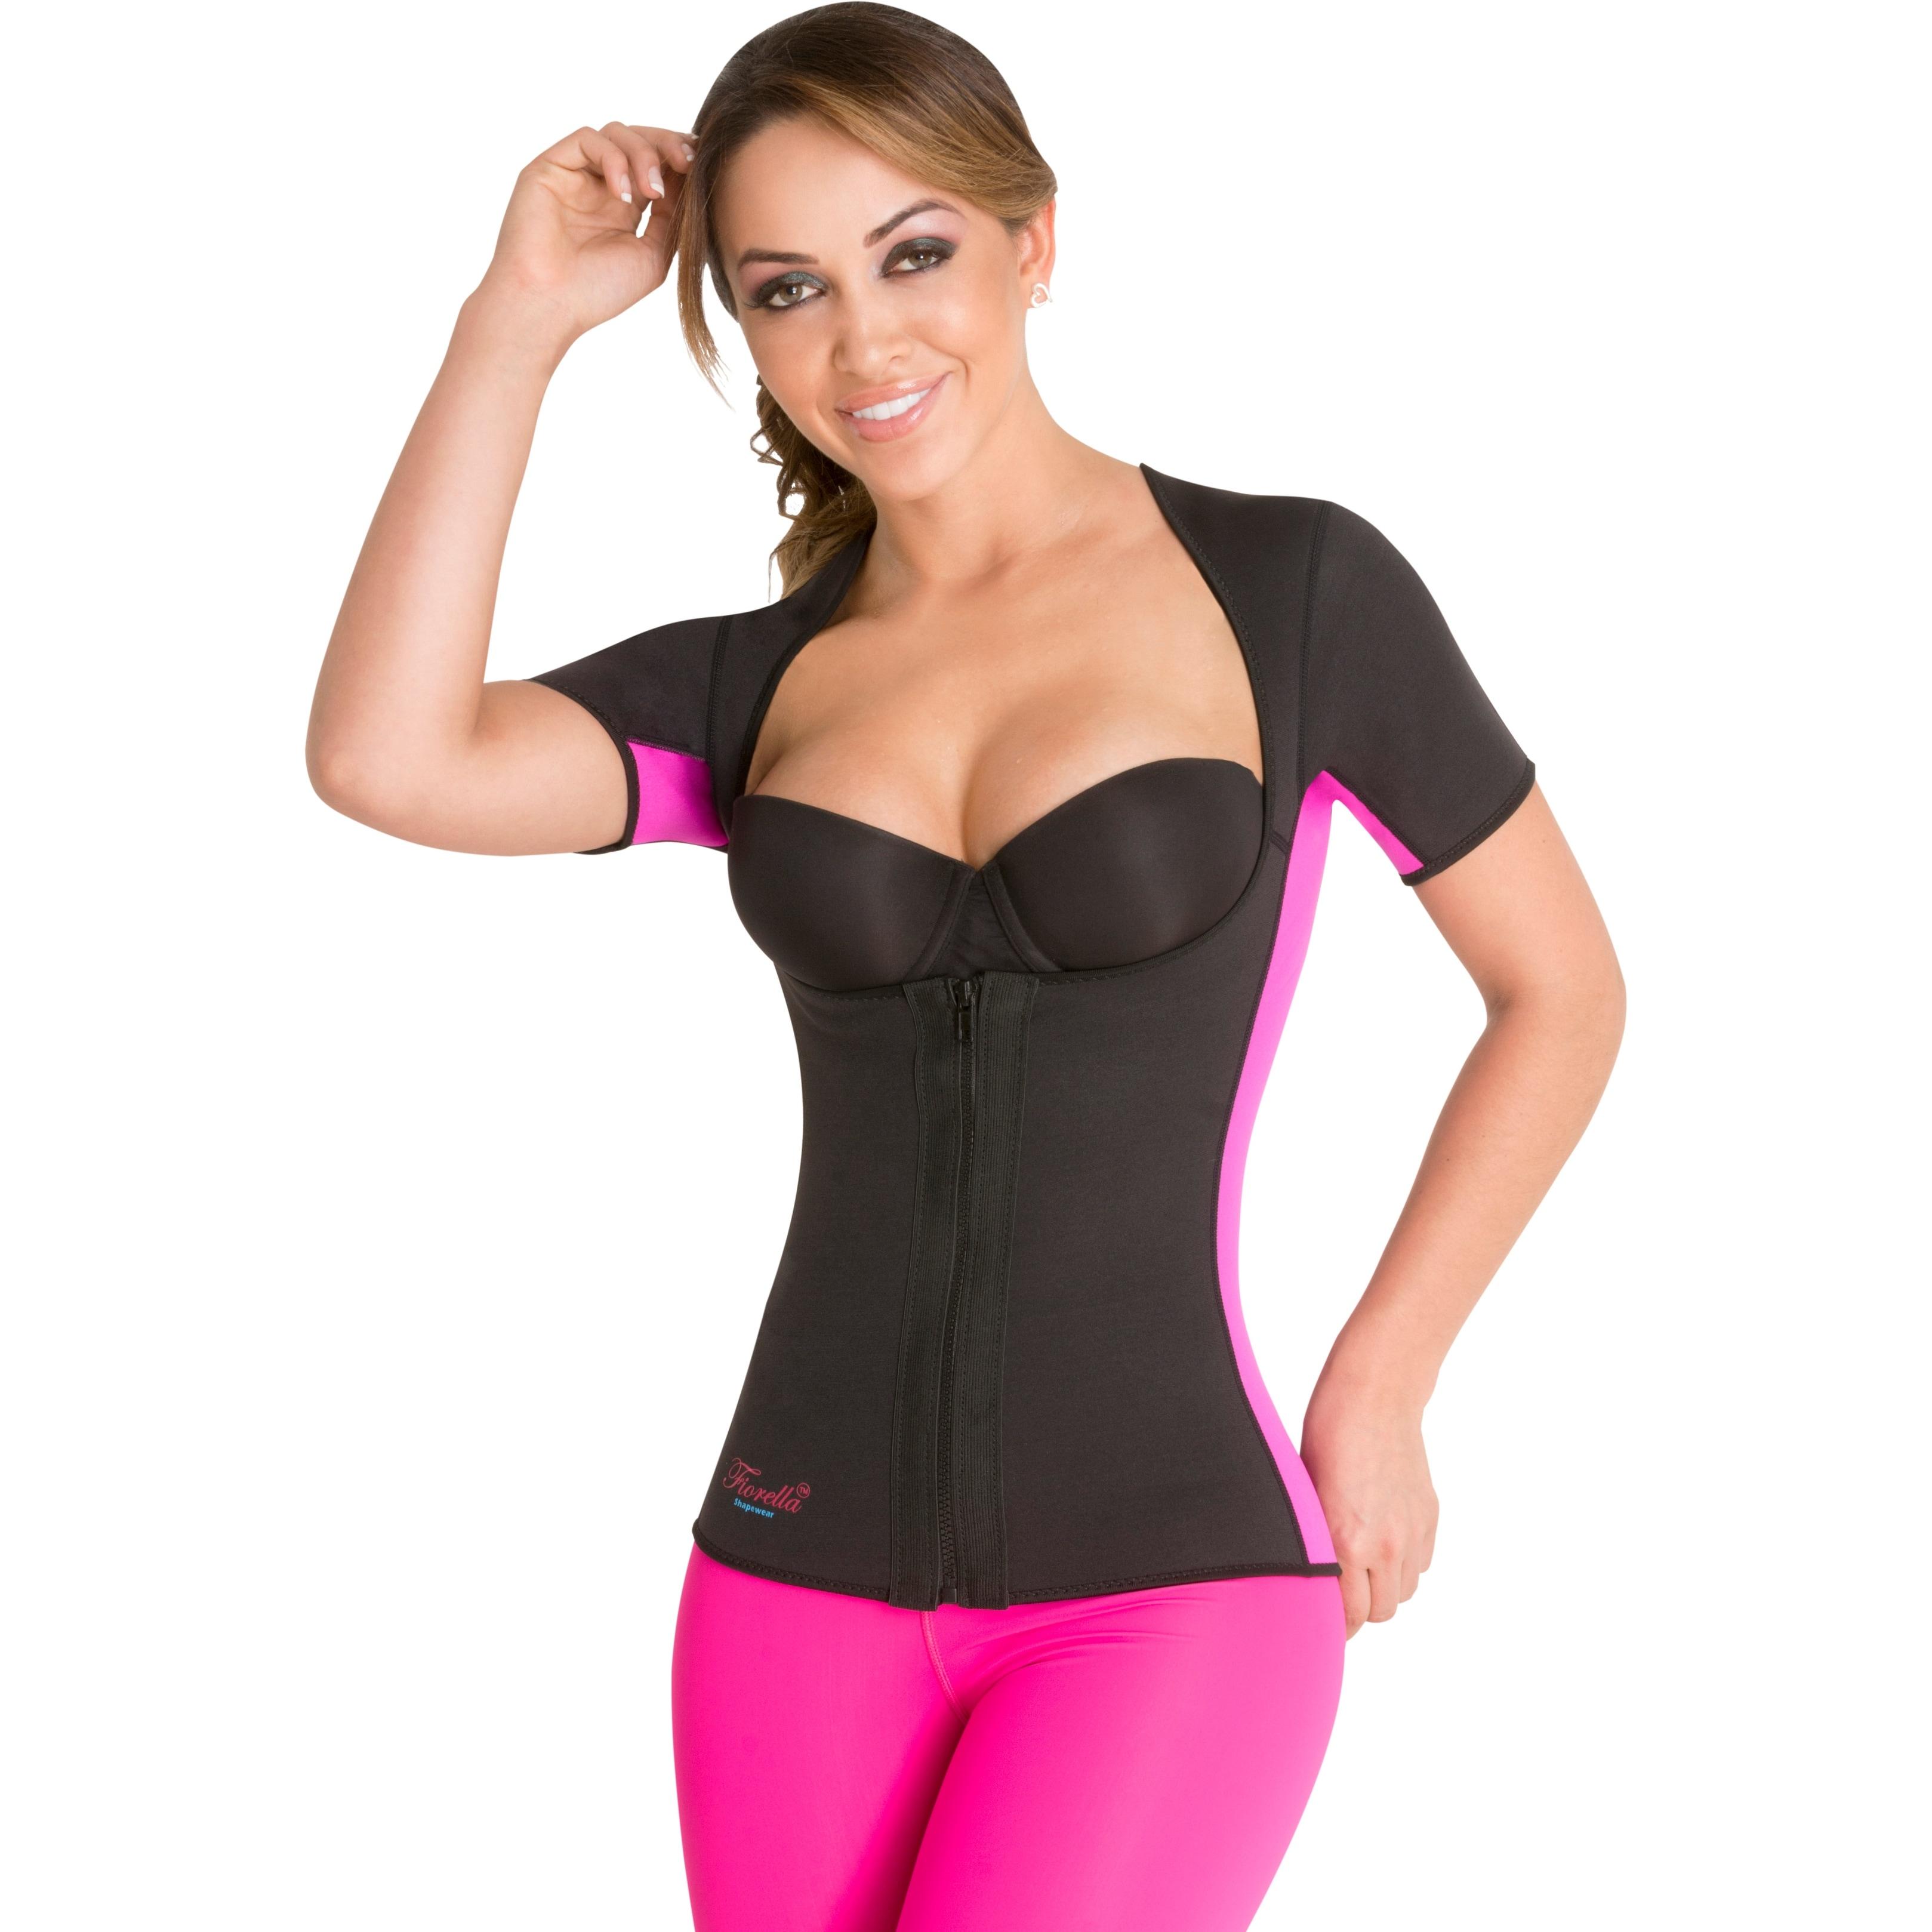 Sweat Sauna Slimming Vest Women Neoprene Body Shaper Selling Out !!!! Workout